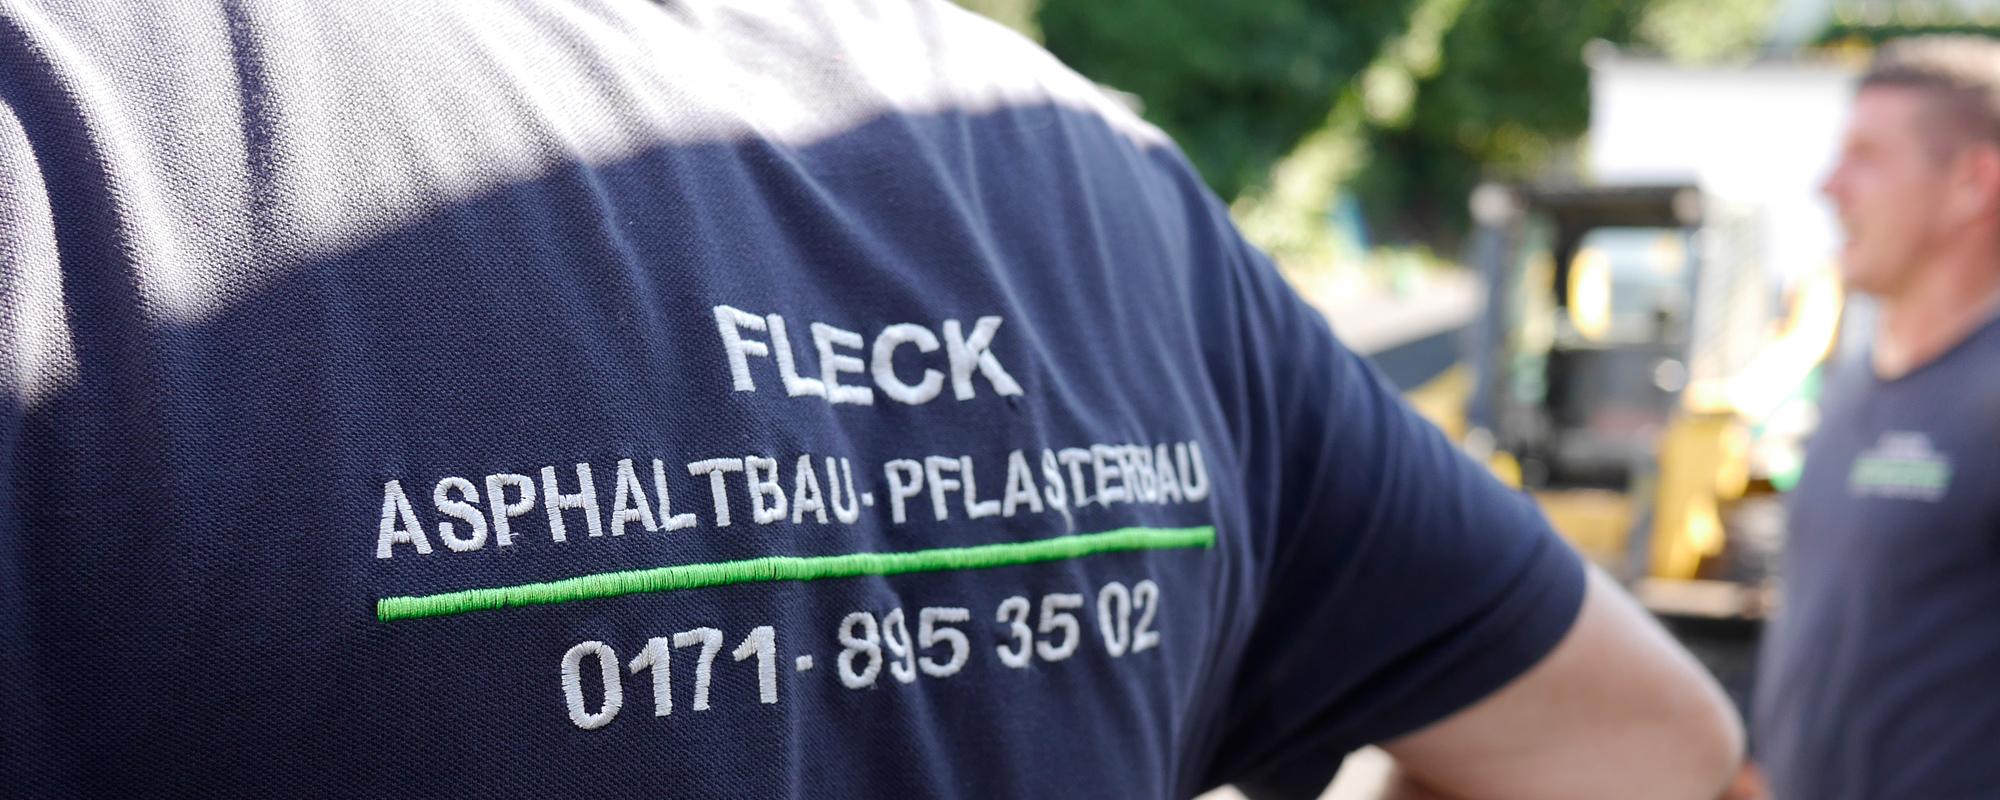 FLECK-Asphaltbau-GmbH-Steinarbeiten-2